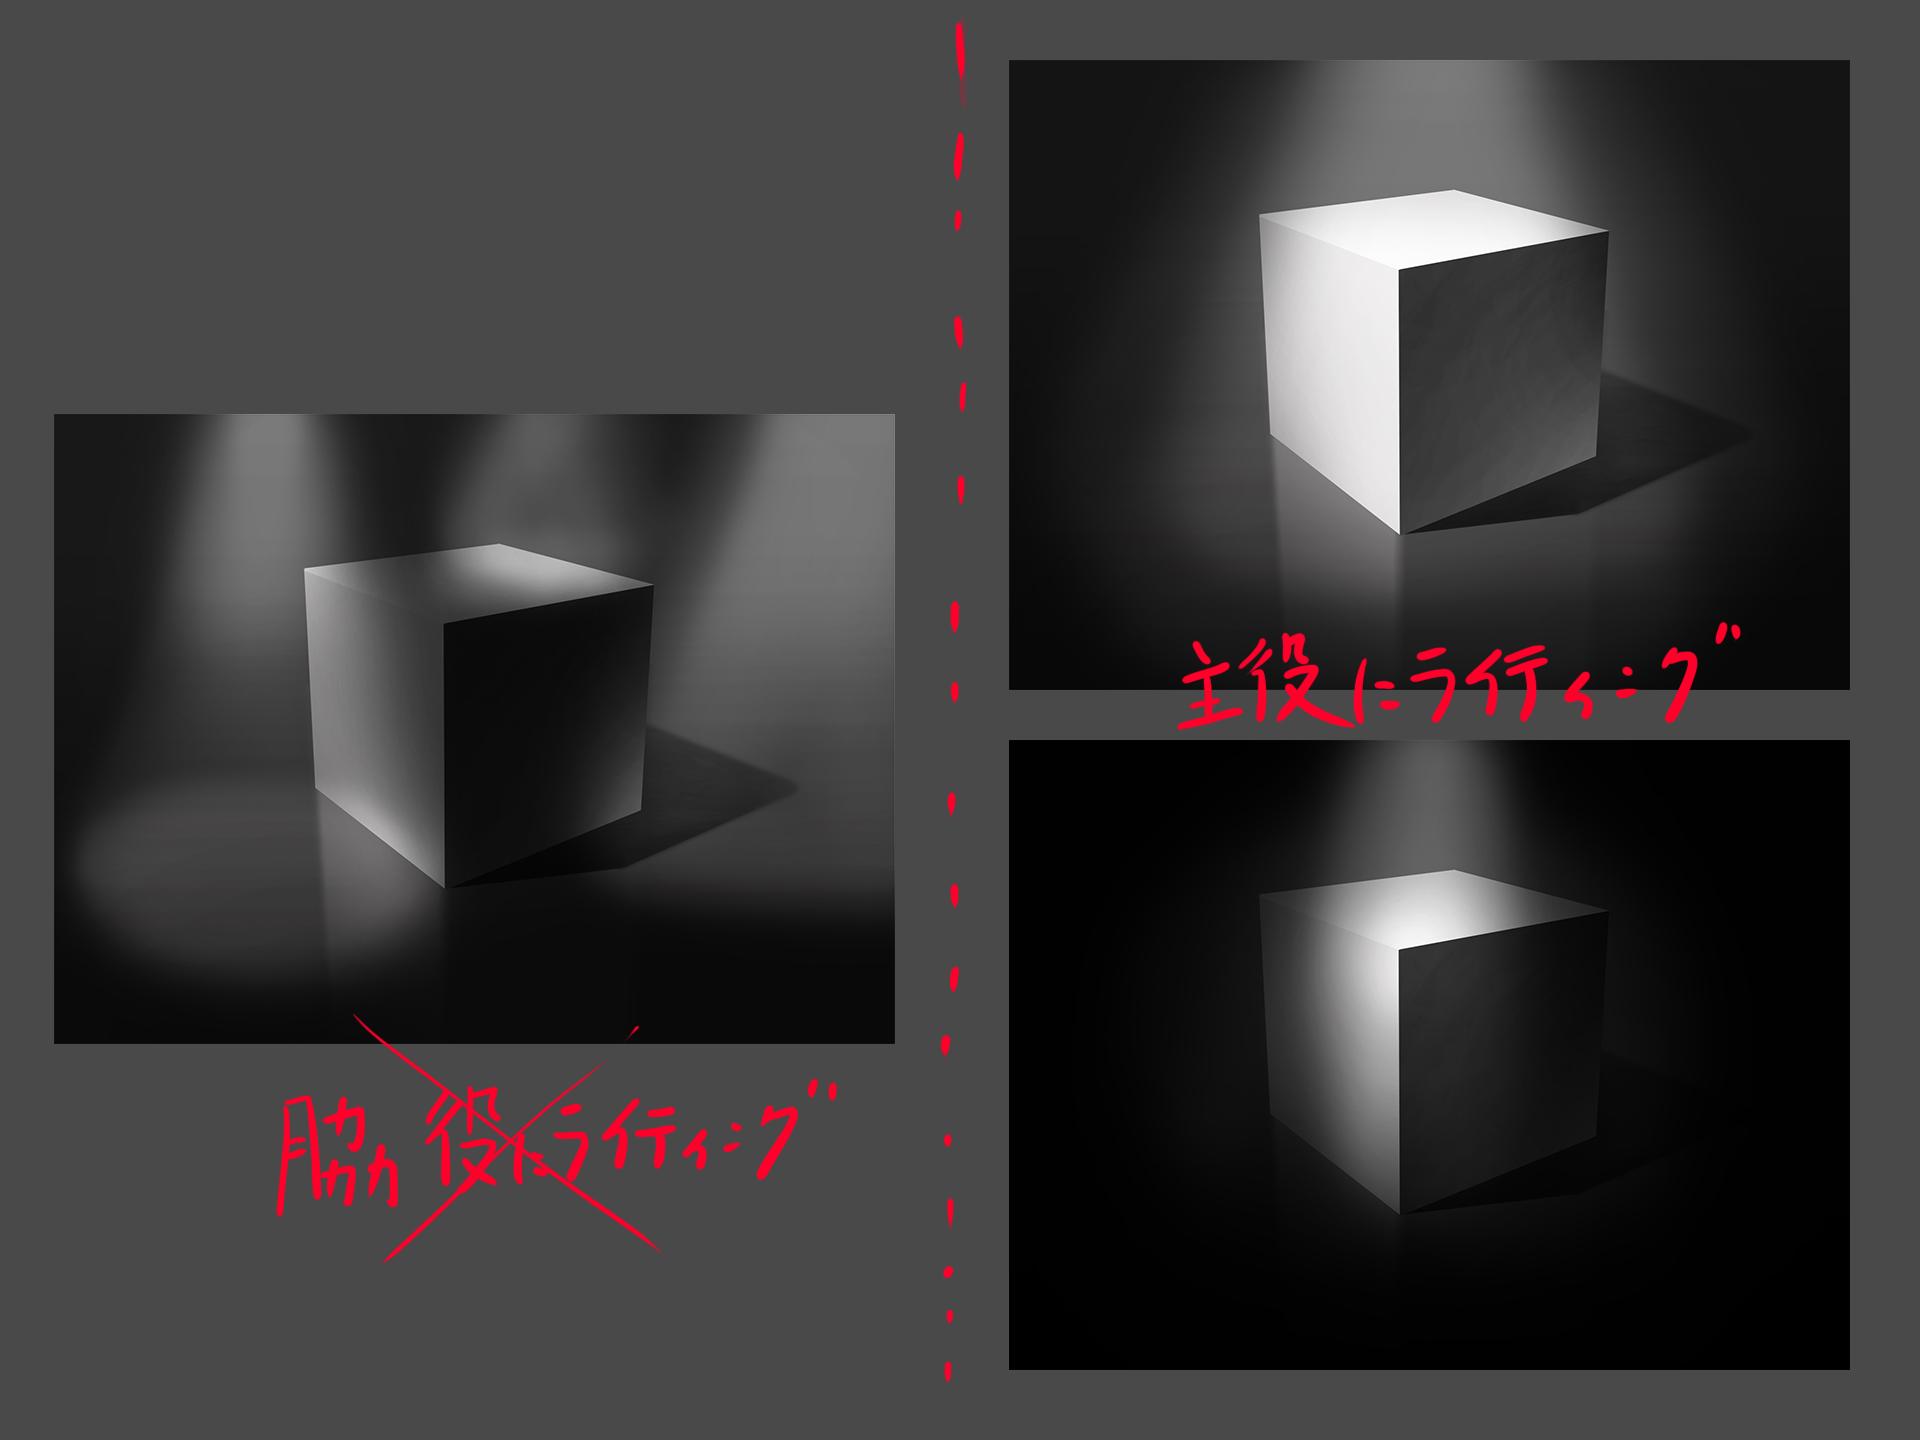 立方体 ライティング 絵作り